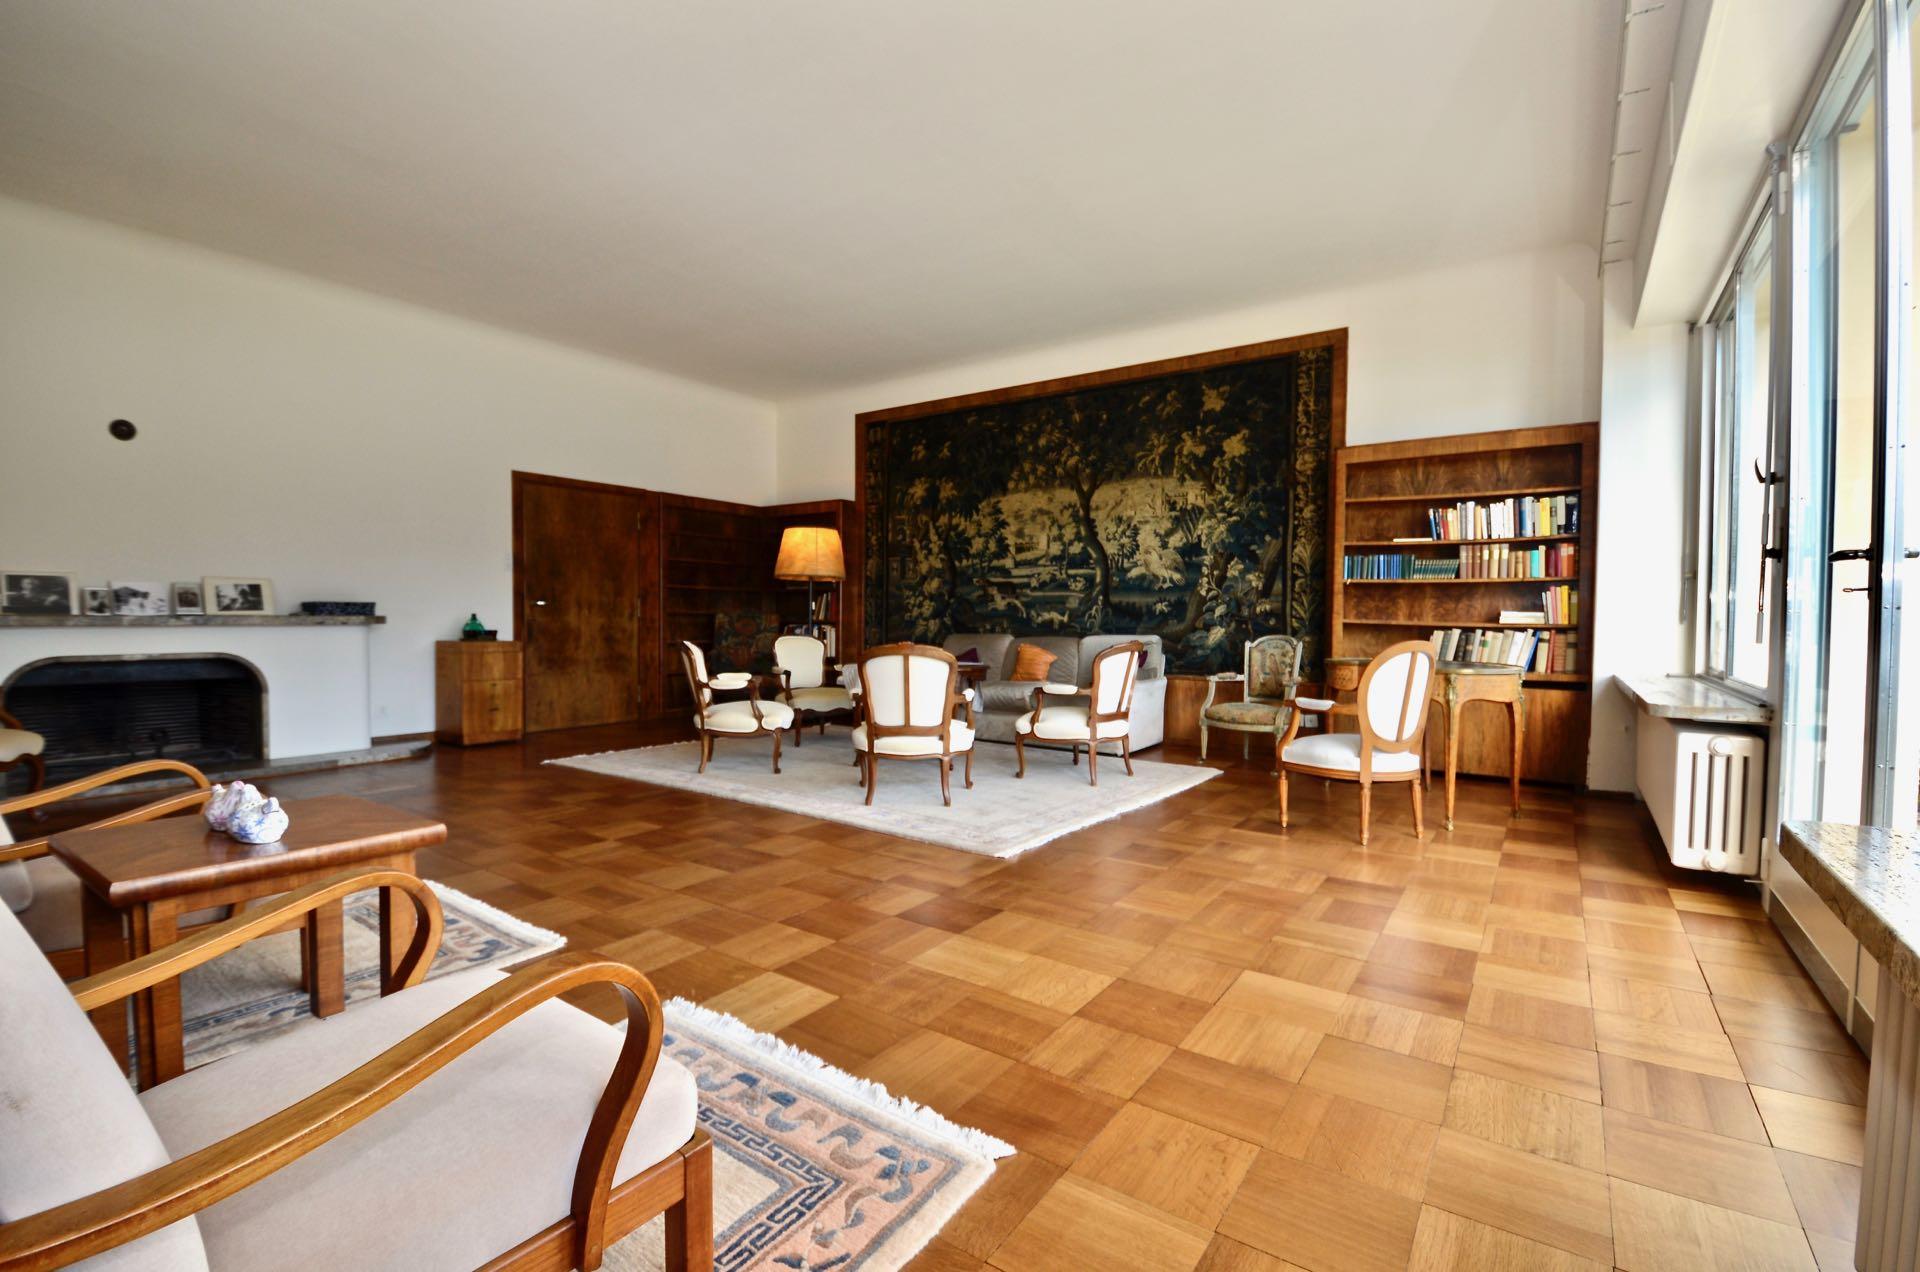 Liebevoll restauriertes grosses und helles Wohnzimmer der einen Hälfte der Bauhaus-Villa in Ascona, Schweiz an absoluter Toplage in Ascona, Schweiz zu verkaufen